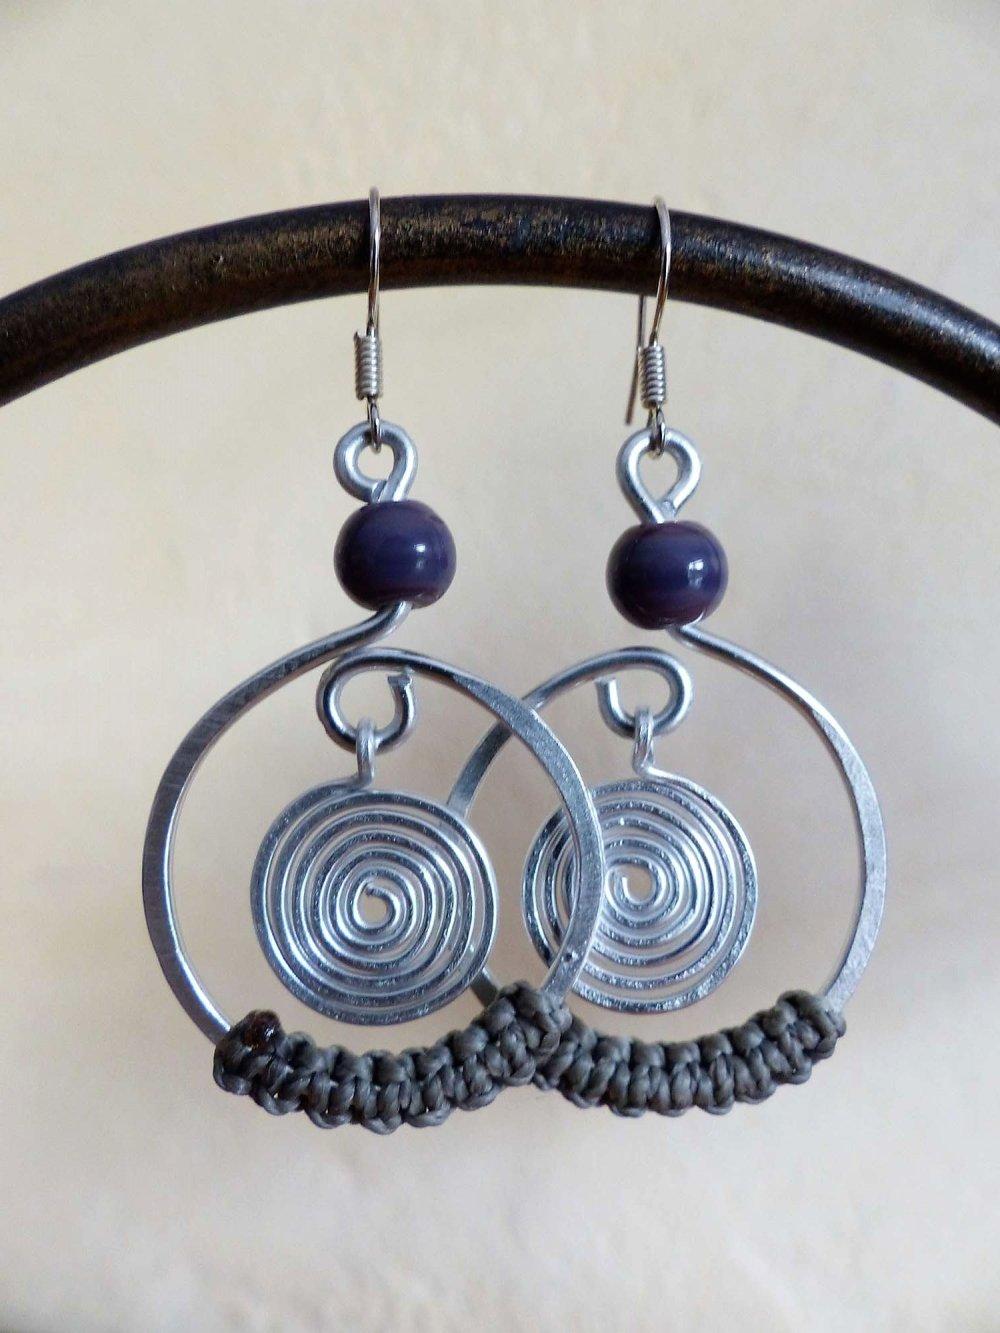 boucles d'oreilles spirales argentés macramé gris